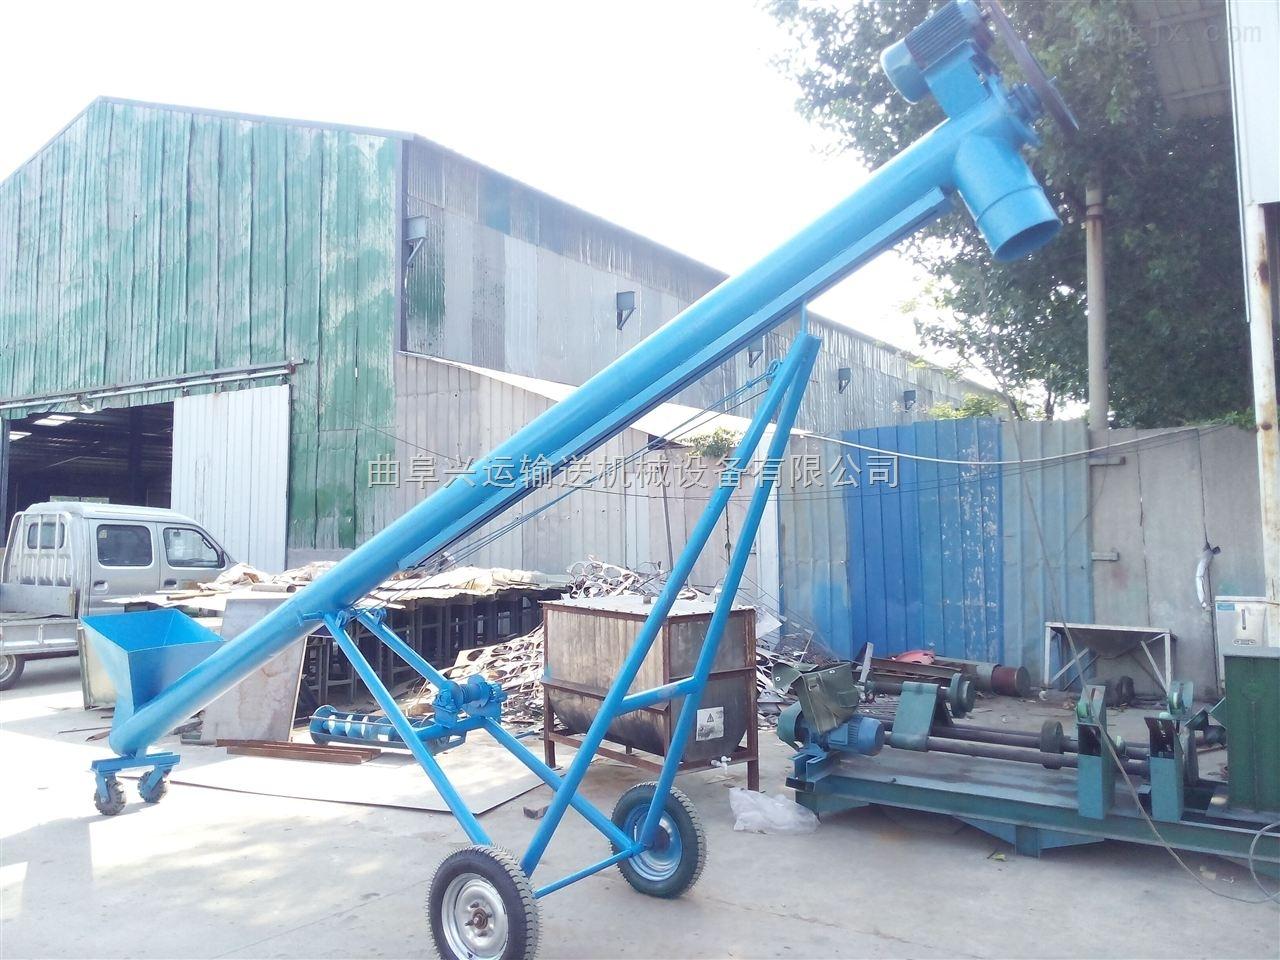 50管径泥沙输送用提升机,链条带动电动上料机